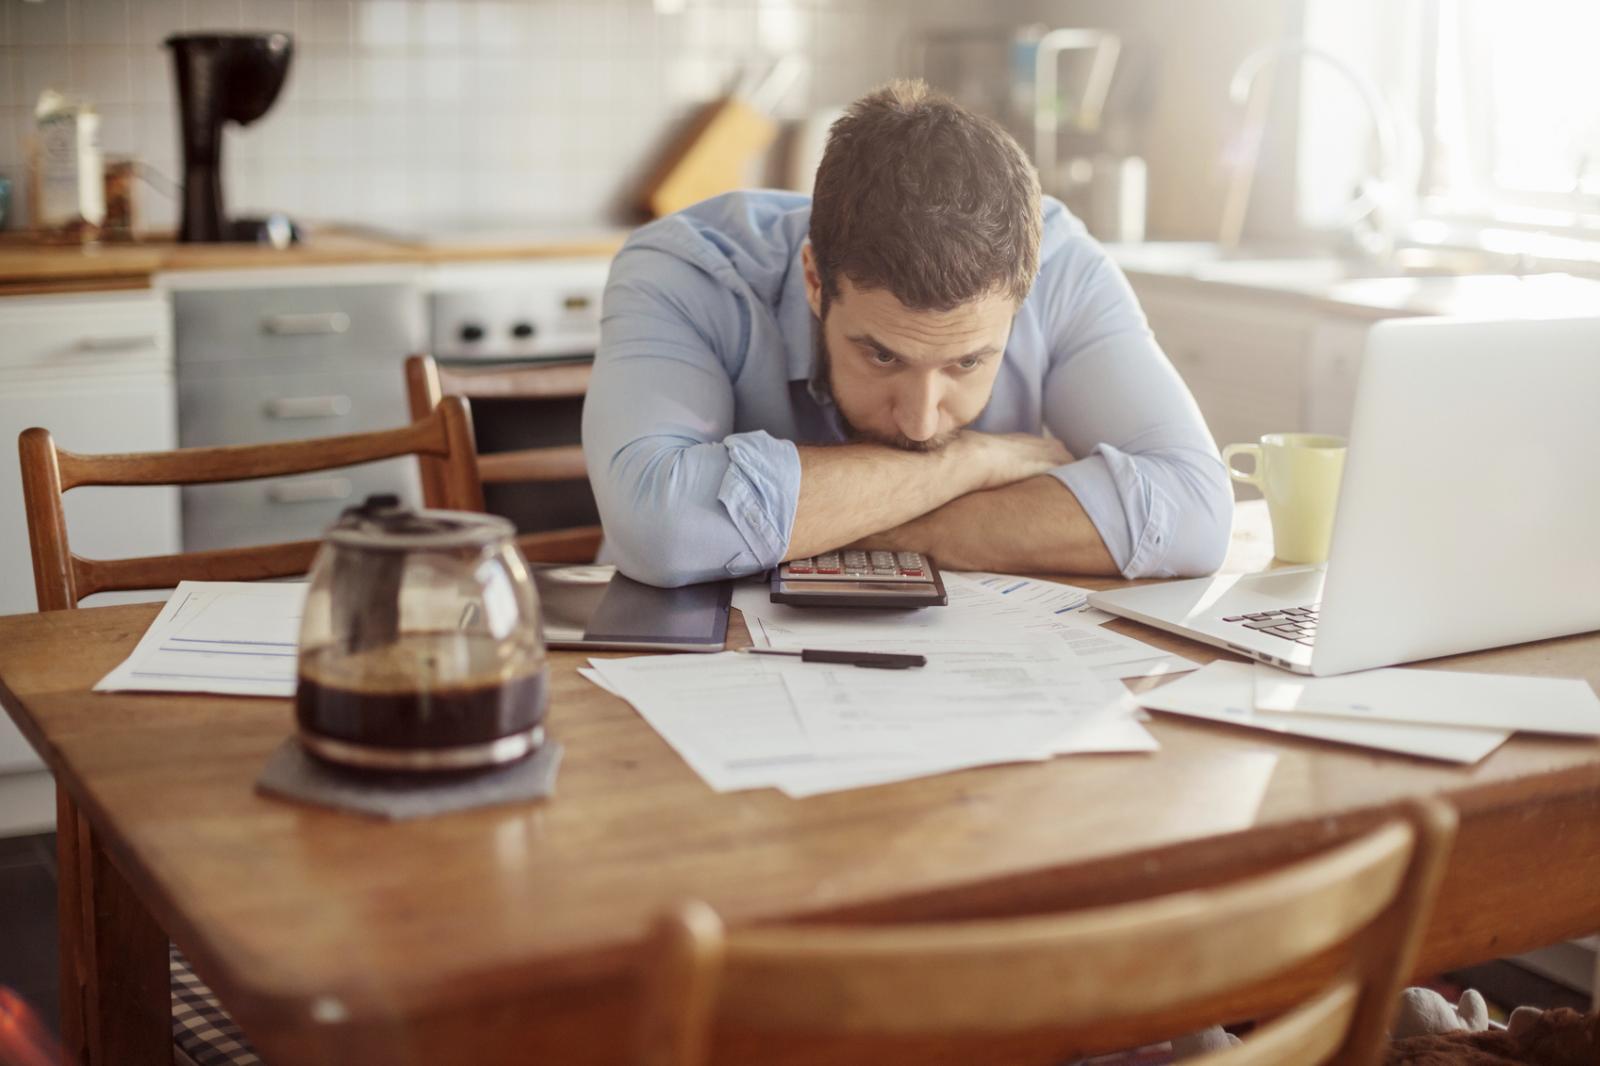 Kad smo pod stresom najveća je greška popiti još jednu kavu umjesto da odmorimo.